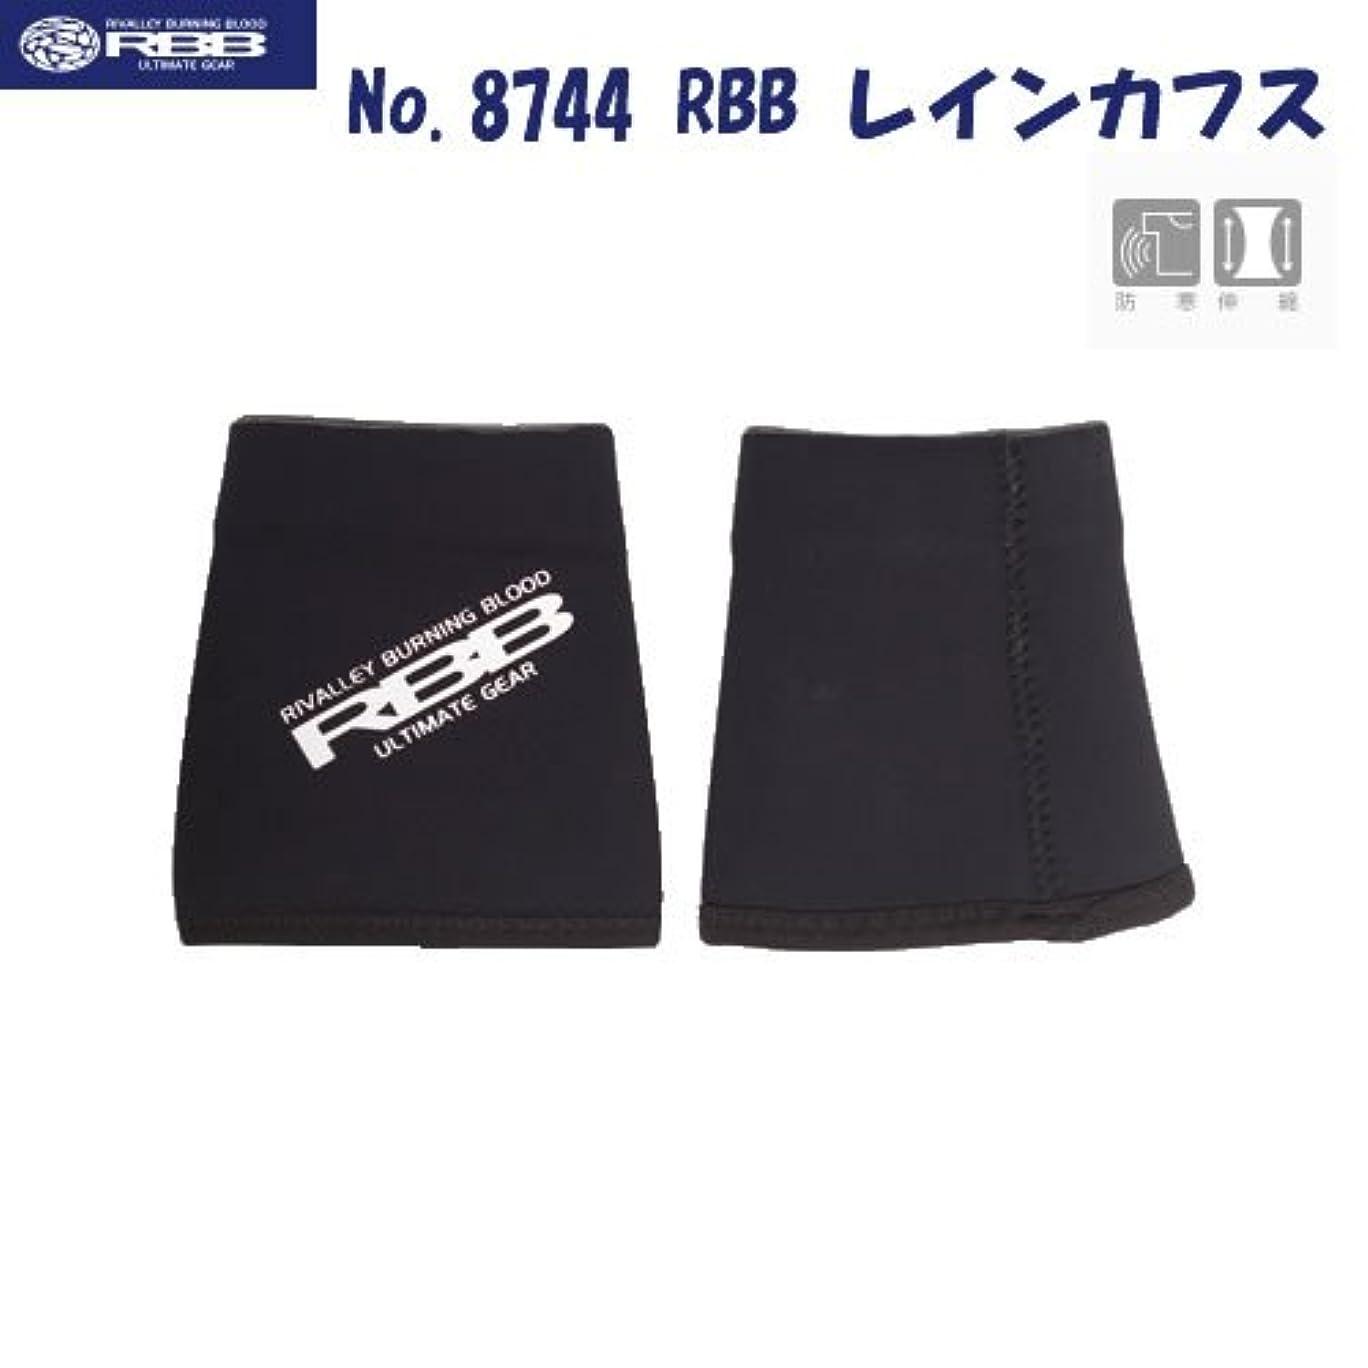 含めるアーティファクト記録双進(SOSHIN) グローブ RBB レインカフス ブラック フリー No.8744